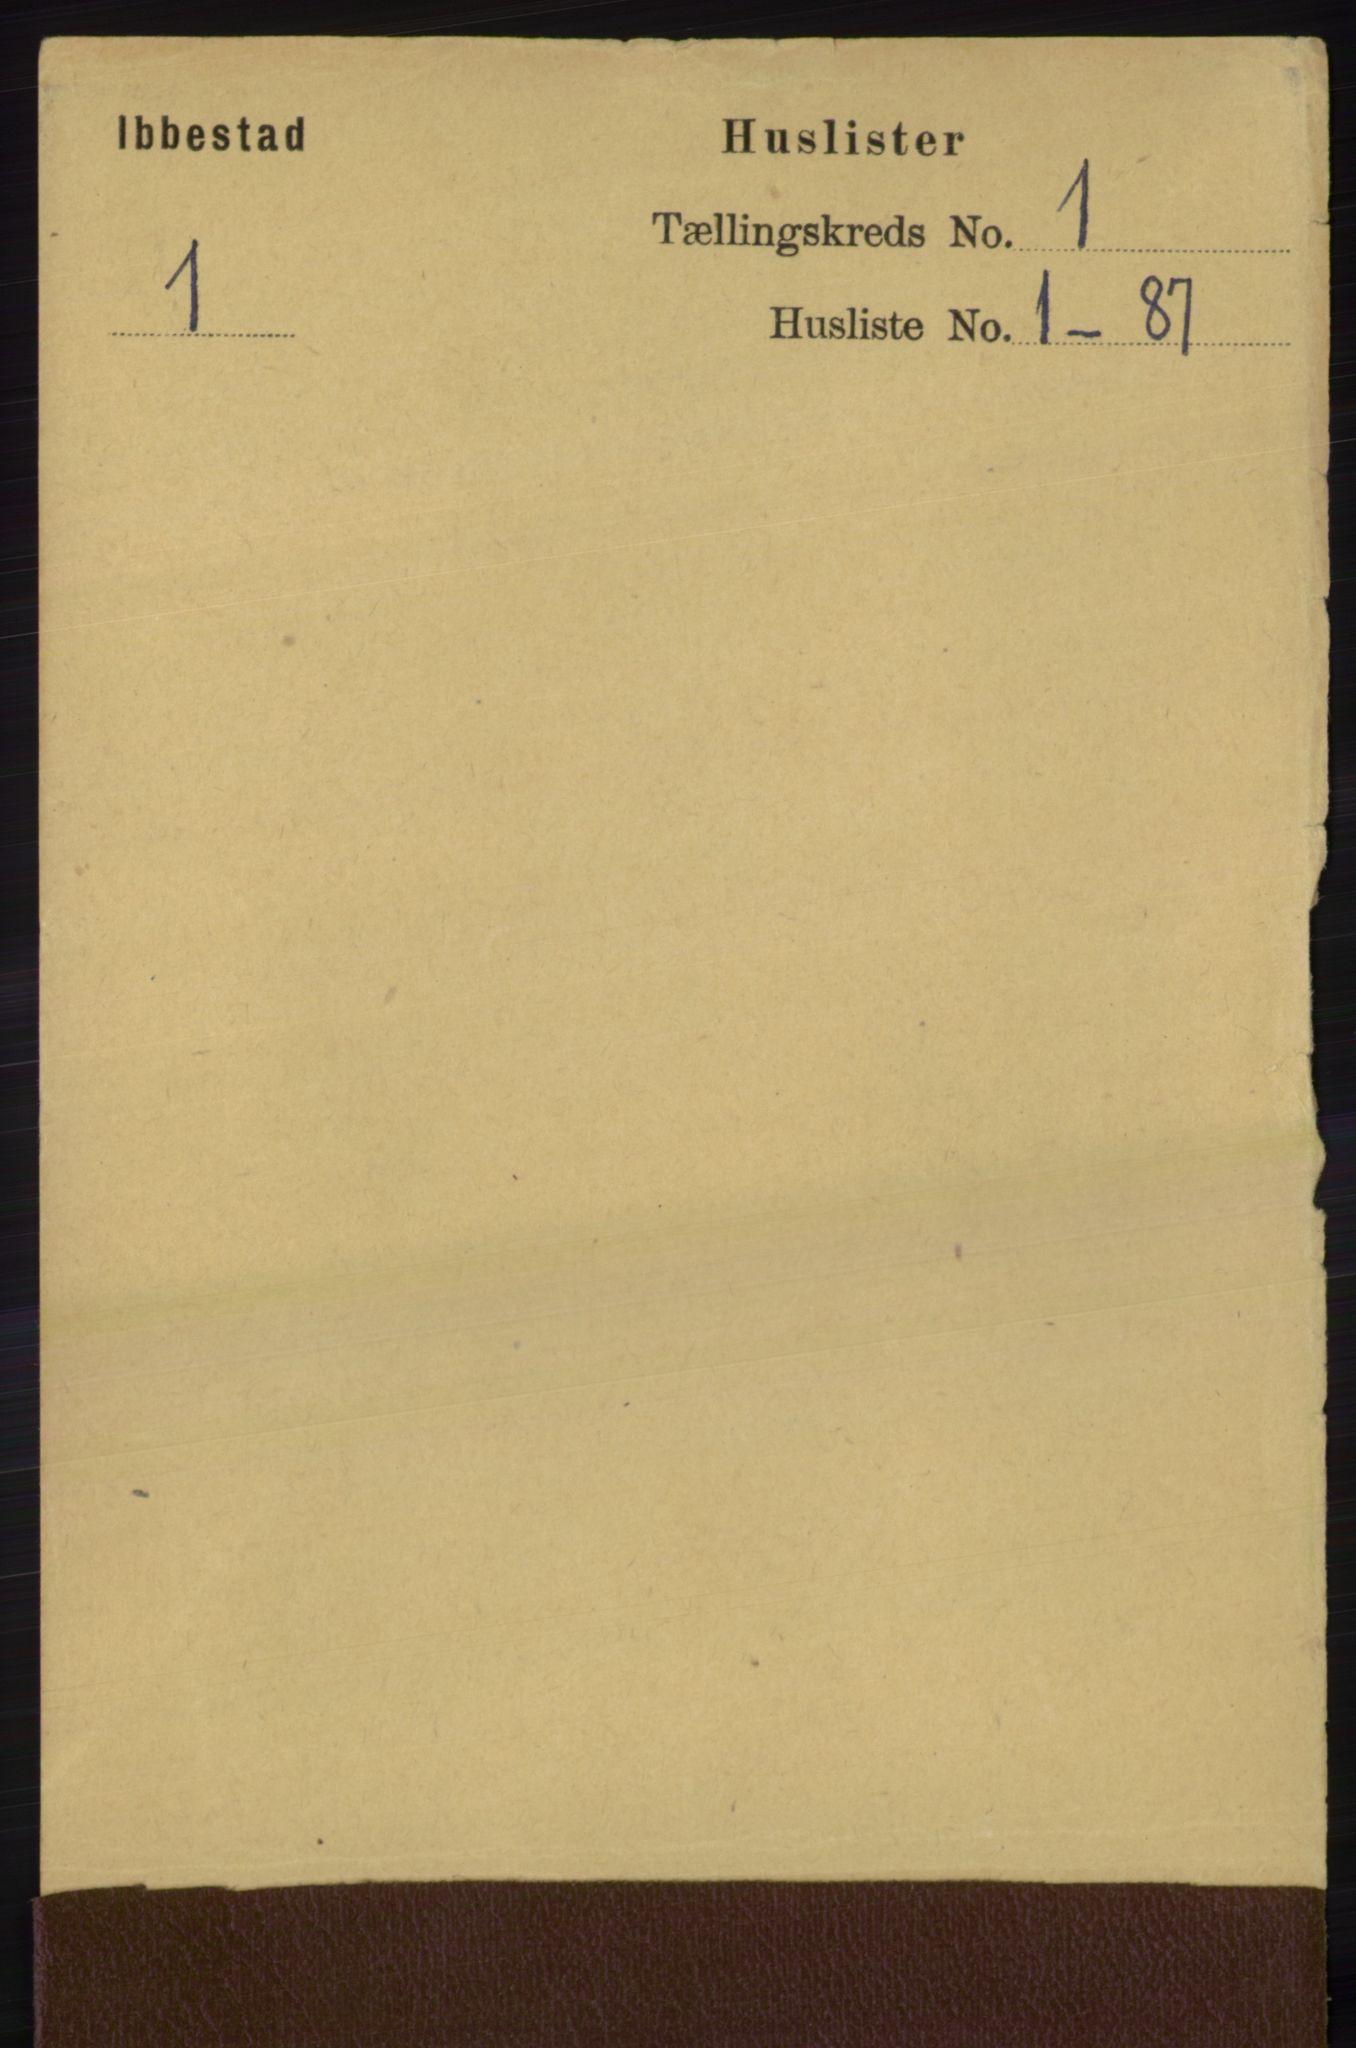 RA, Folketelling 1891 for 1917 Ibestad herred, 1891, s. 32